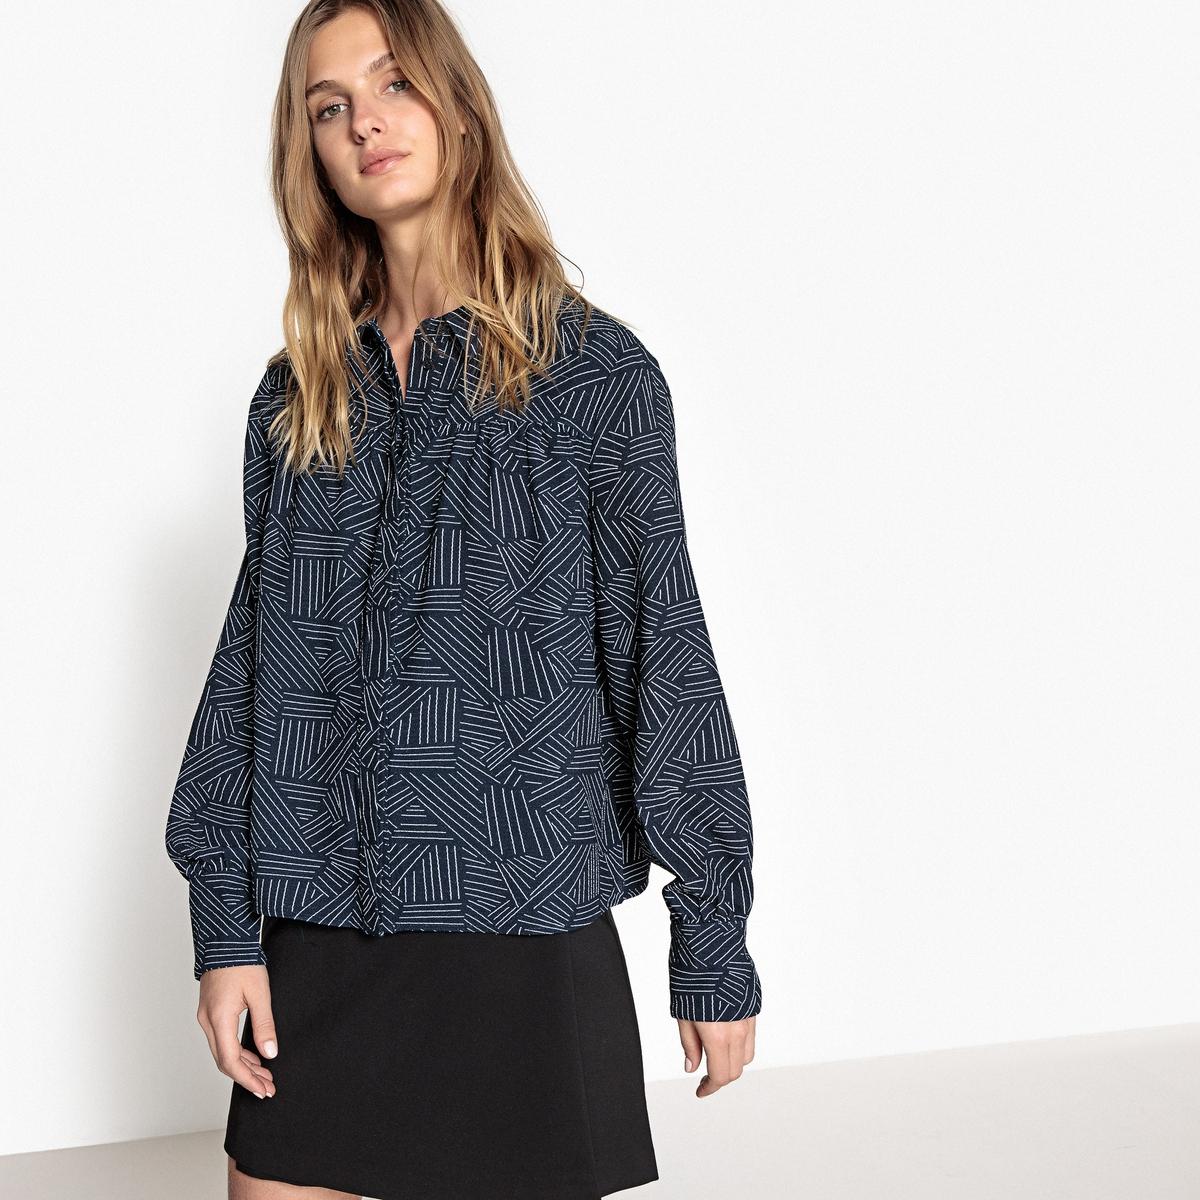 Рубашка с красивым бантом сзади и рисунком в графичную полоску пуловер свободный с воротником с отворотом plunkett